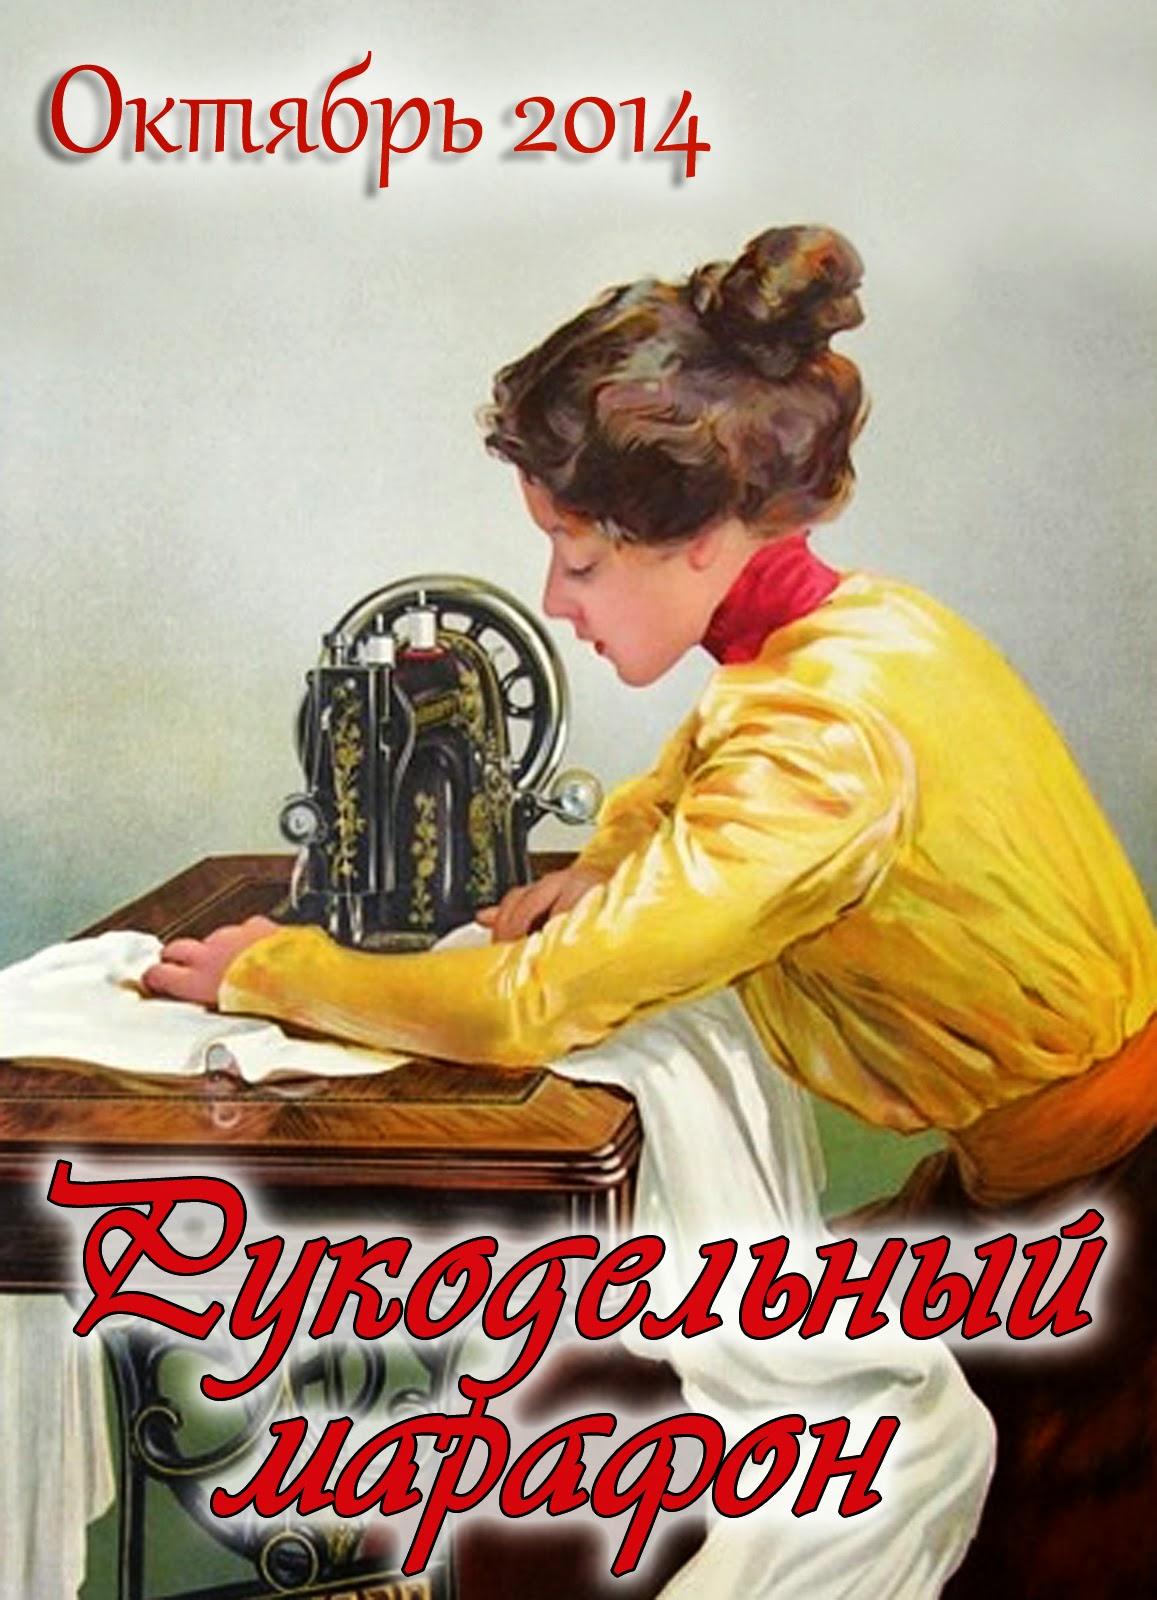 Марафон за октябрь)